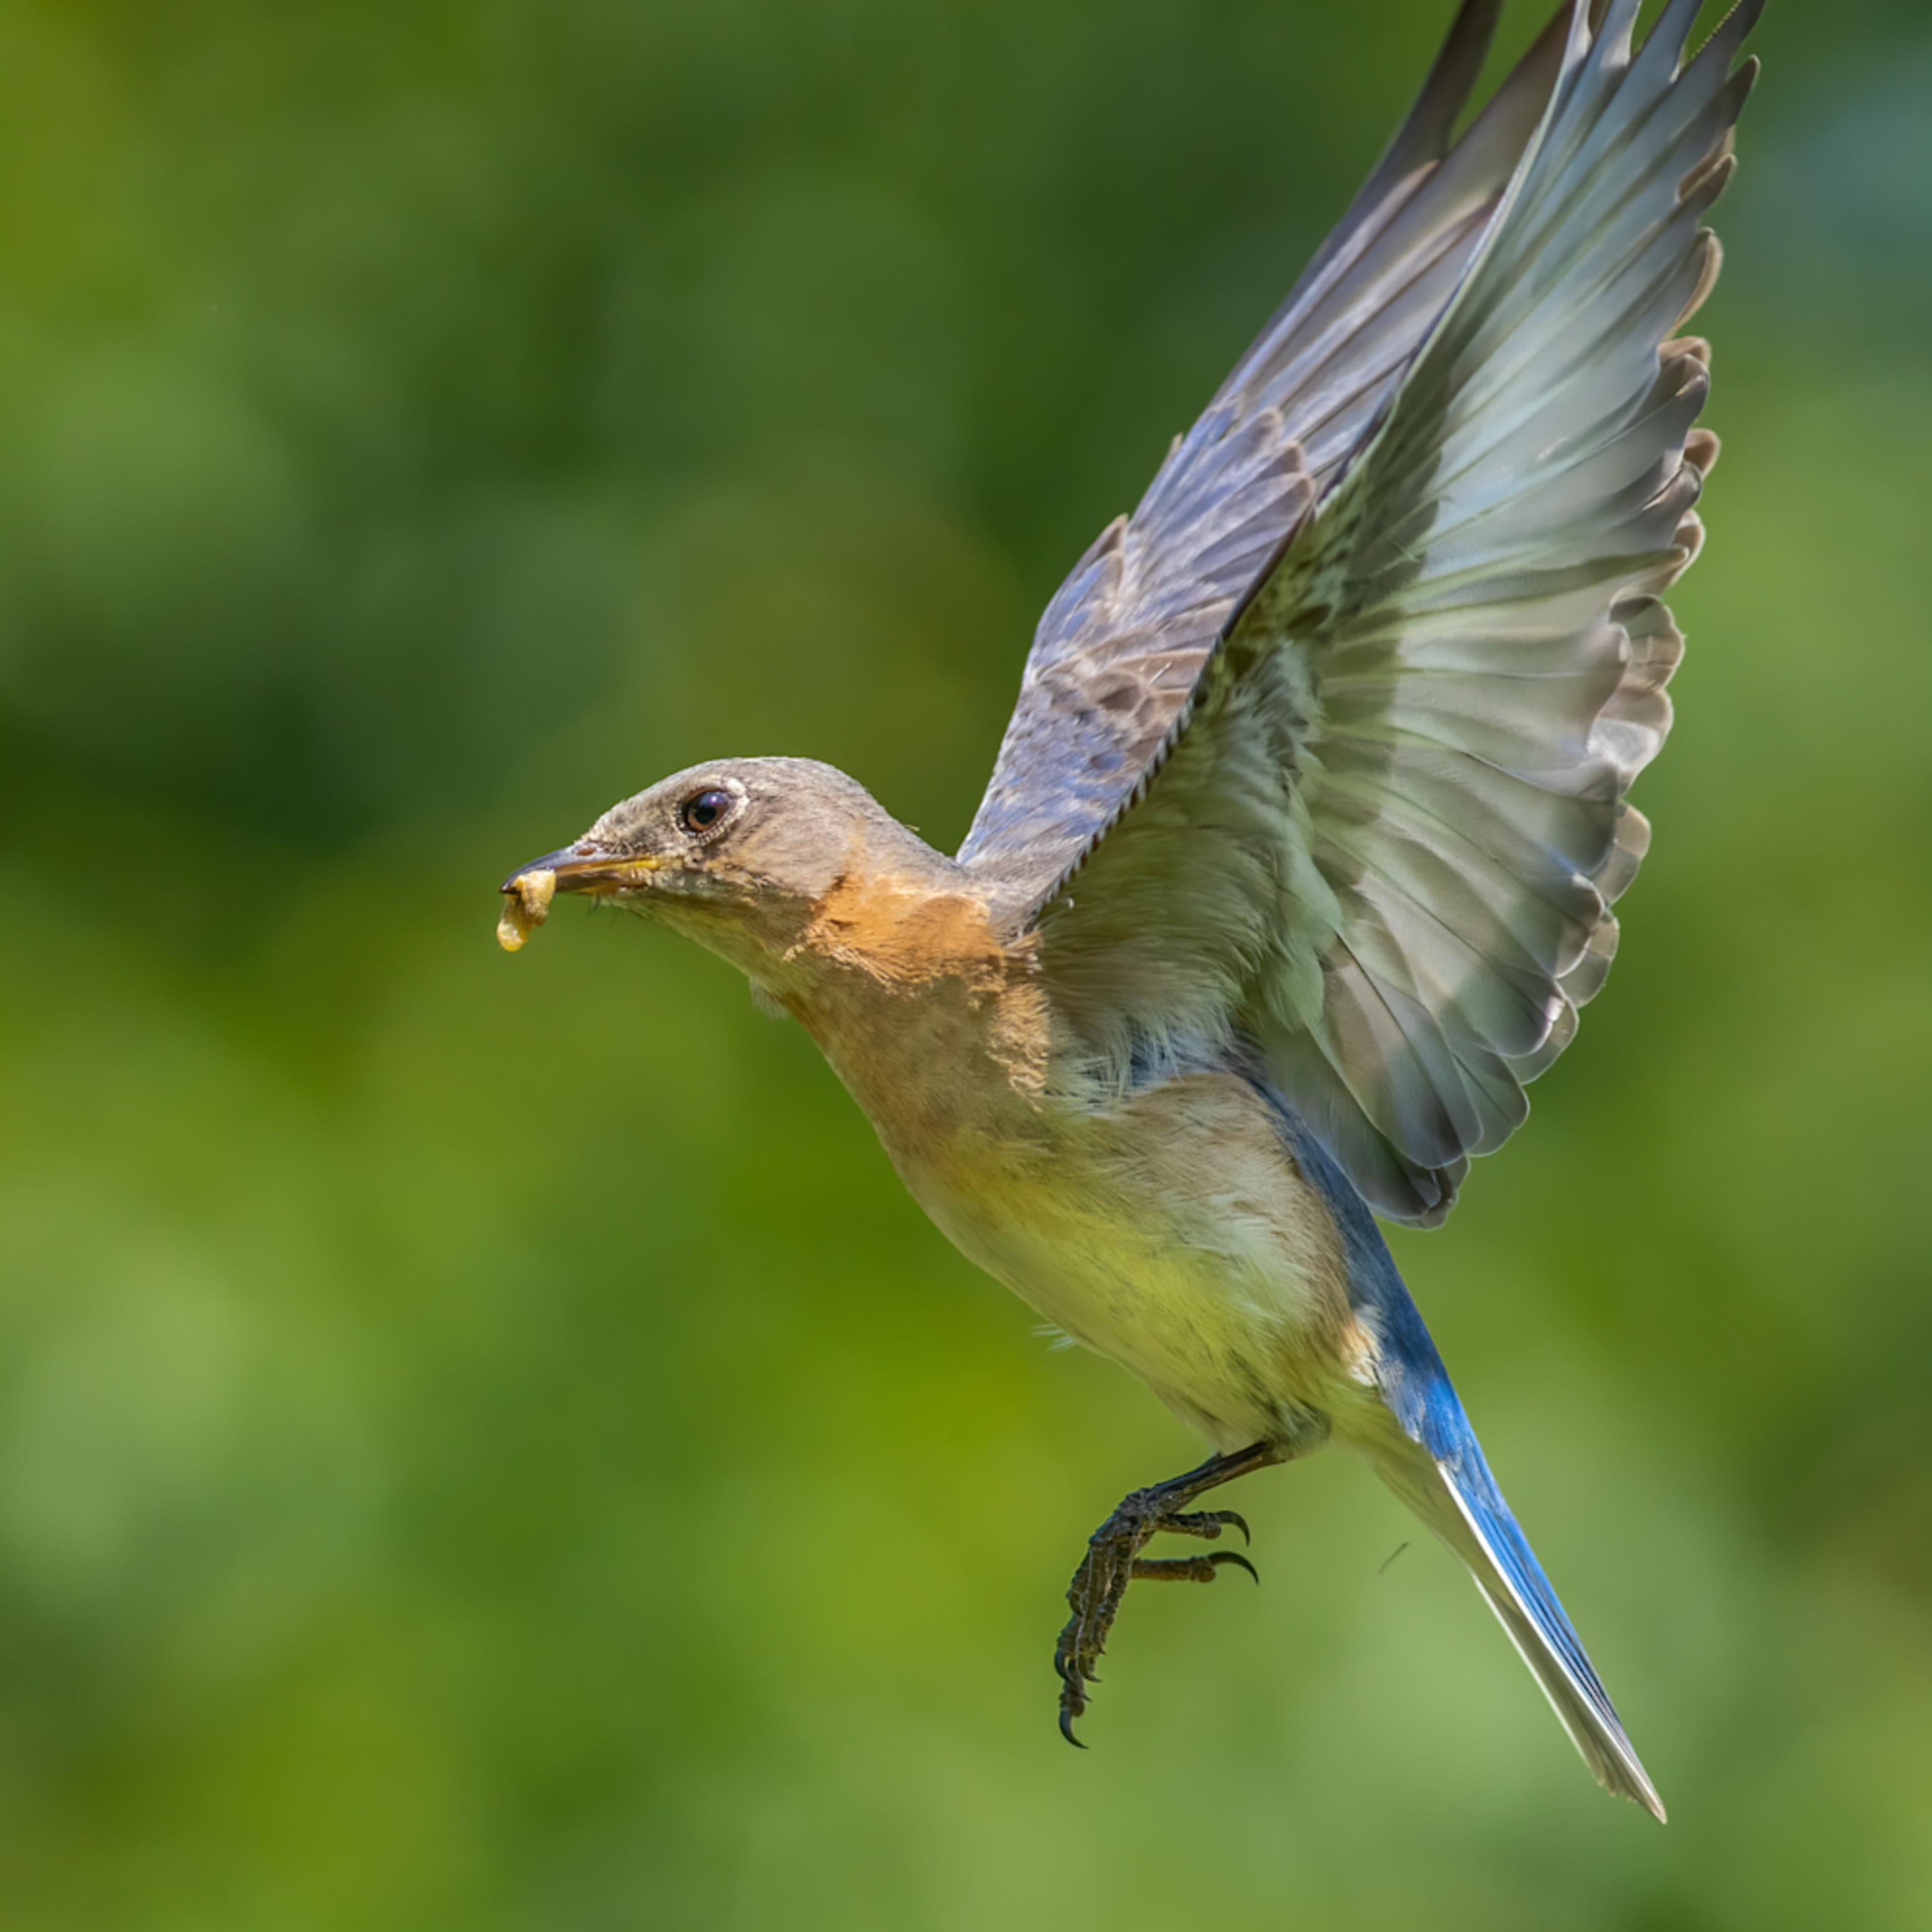 Bluebird flight cudatif vbcf8k